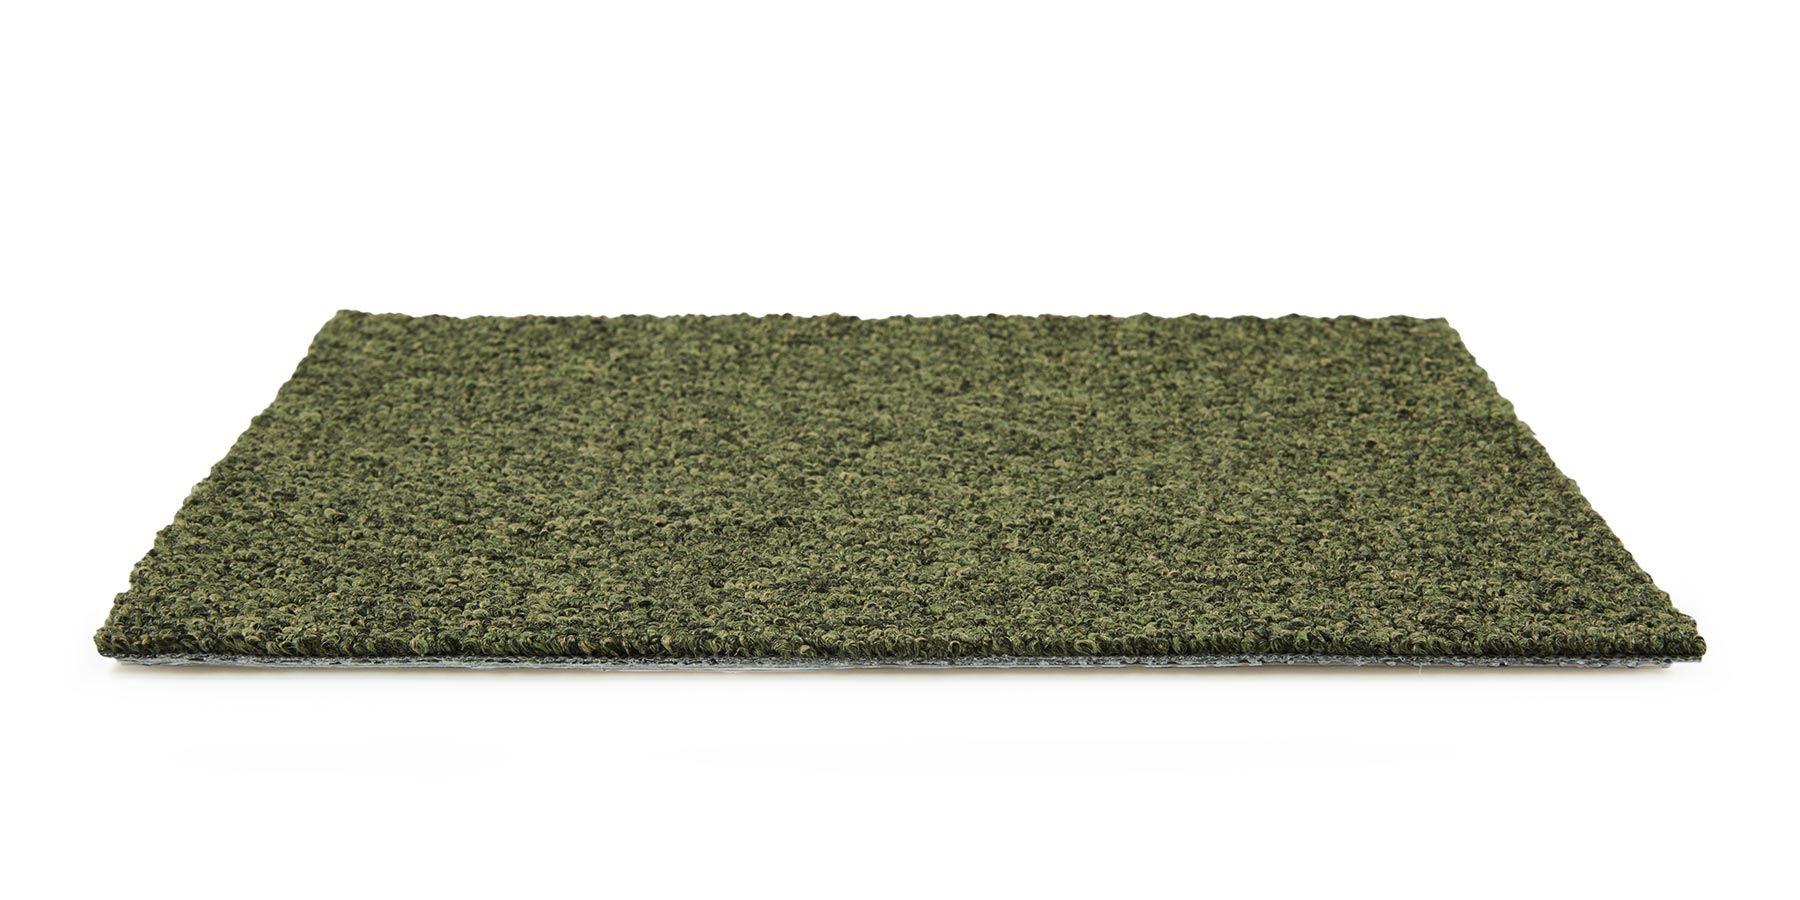 Tenbrooke II Sage Leaf Carpet